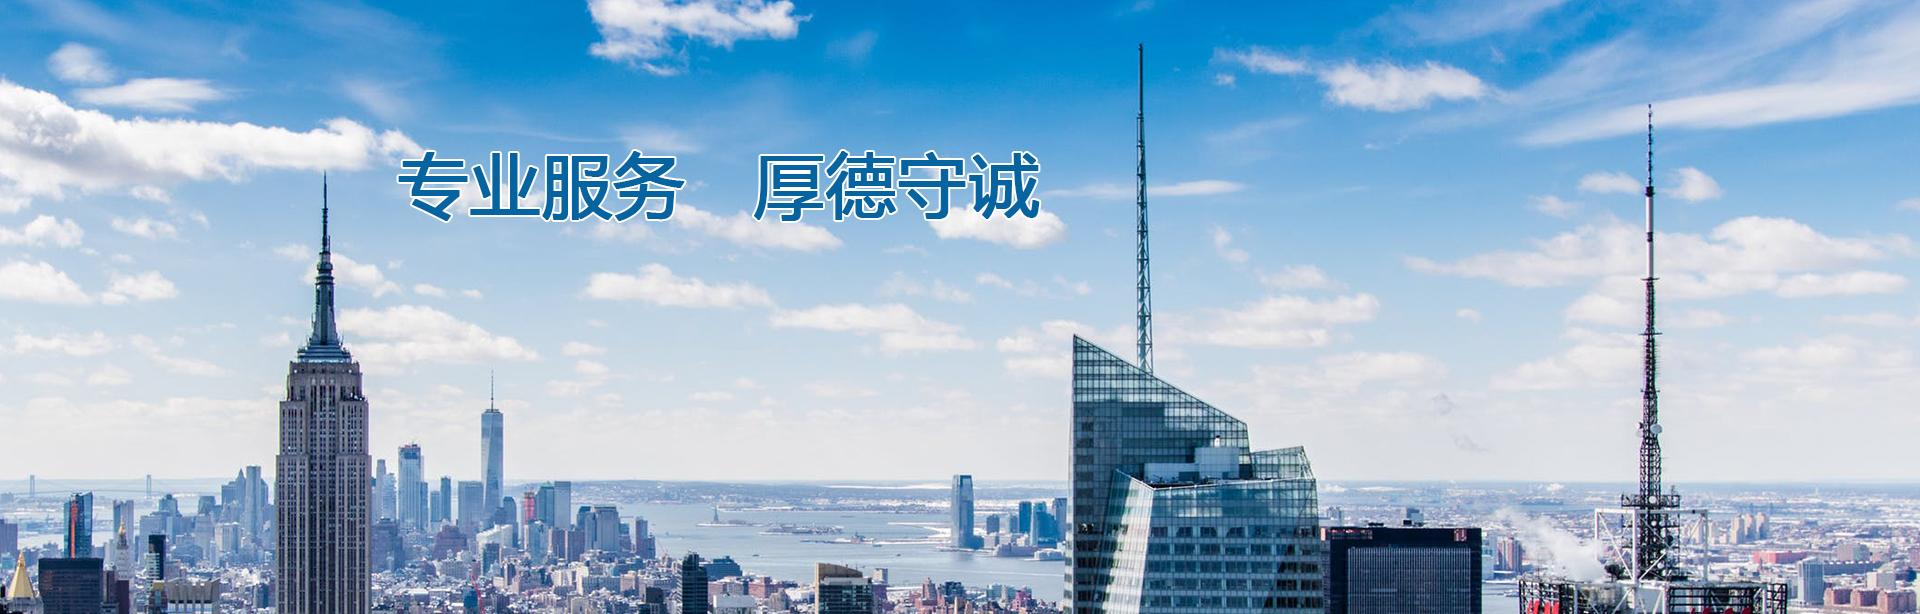 惠州广诚龙溪会计服务有限公司